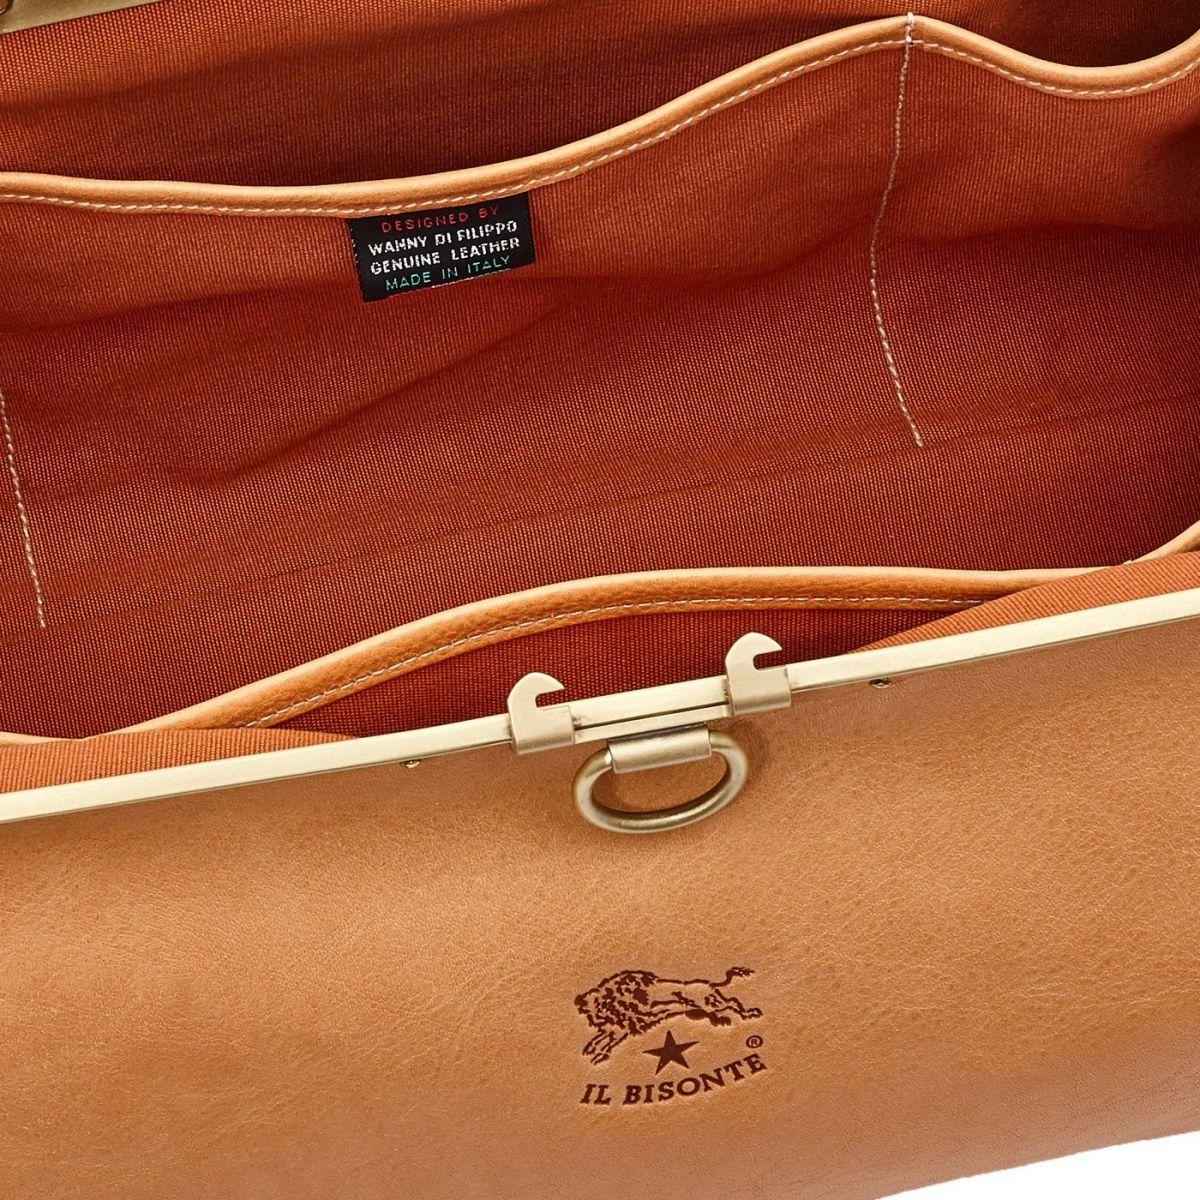 Serviette en Cuir De Vachette Doublé BBC007 couleur Naturel | Details